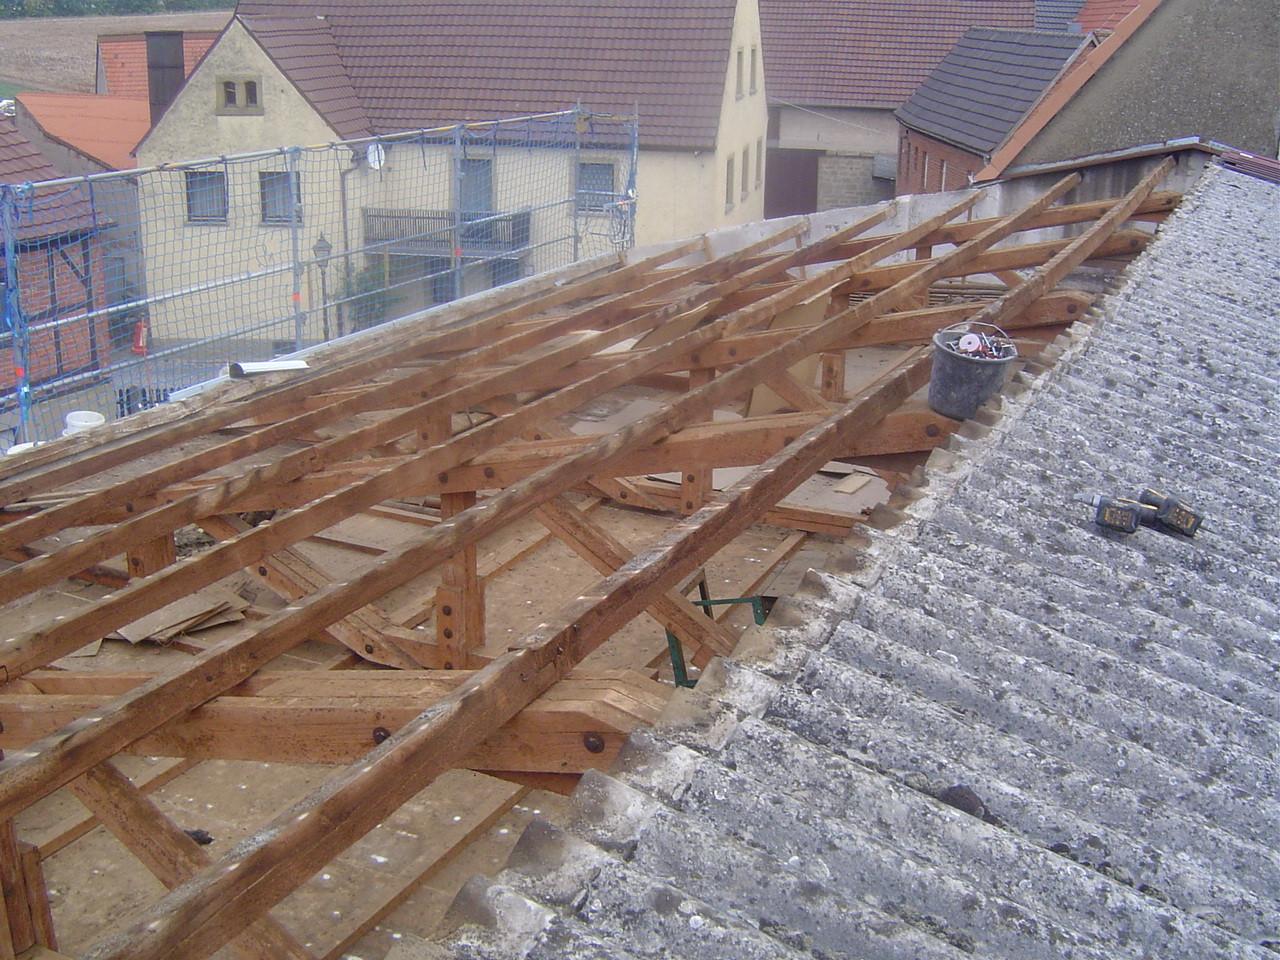 LINDENTHAL Umweltdienstleistungen: Abbau asbesthaltiger Dach-Welleternitplatten